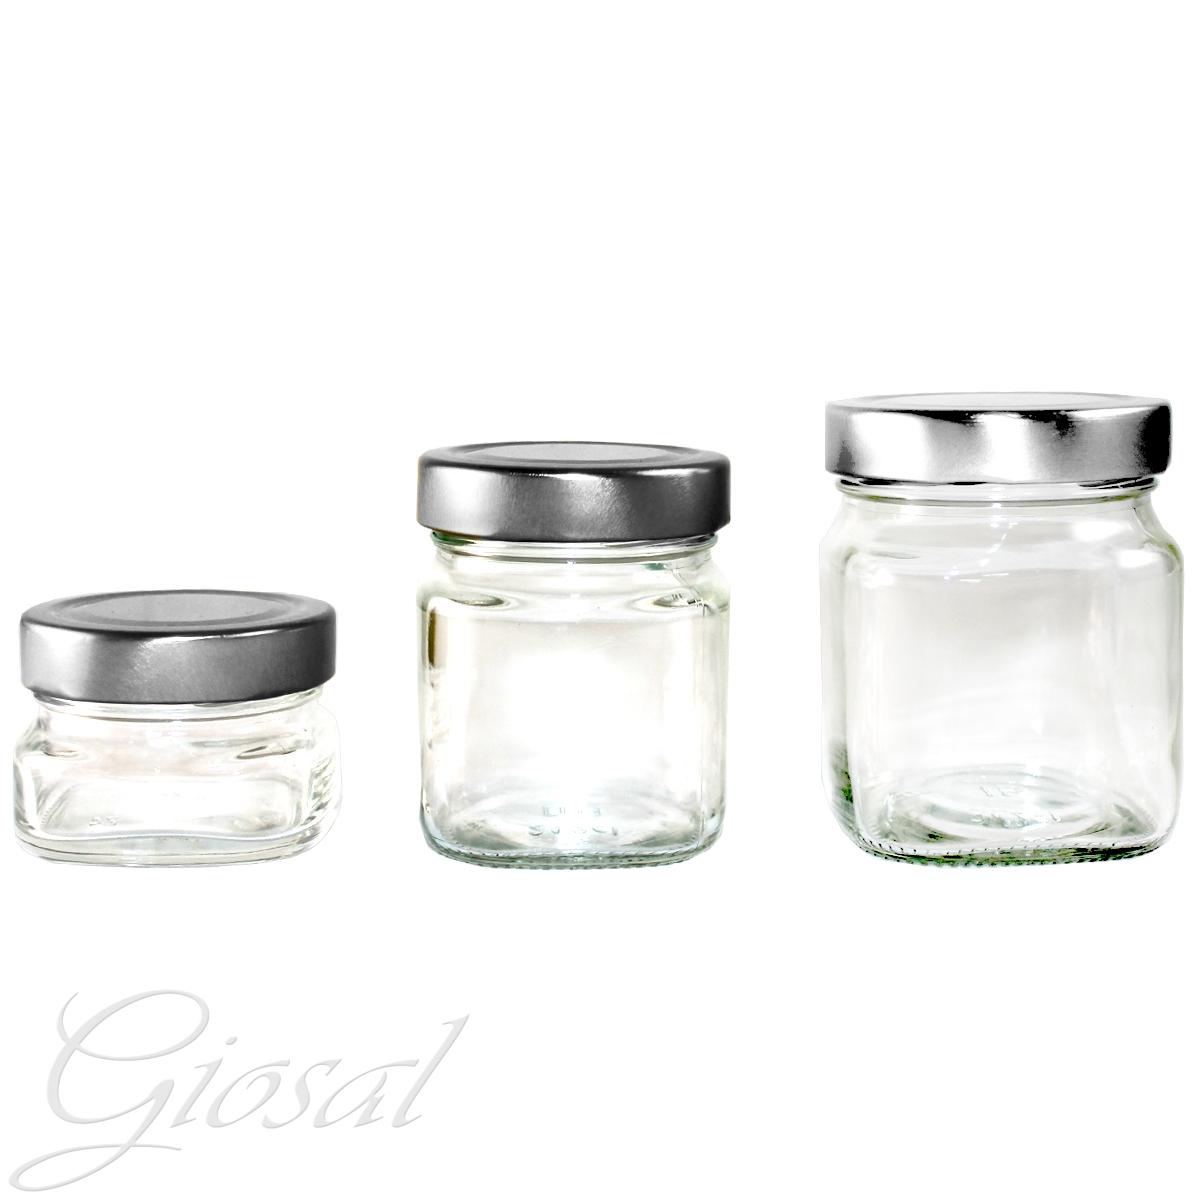 Contenitori Vetro Per Conserve vaso barattolo conserve sottovuoto salse confetture vetro trasparente varie  dimensioni giosal